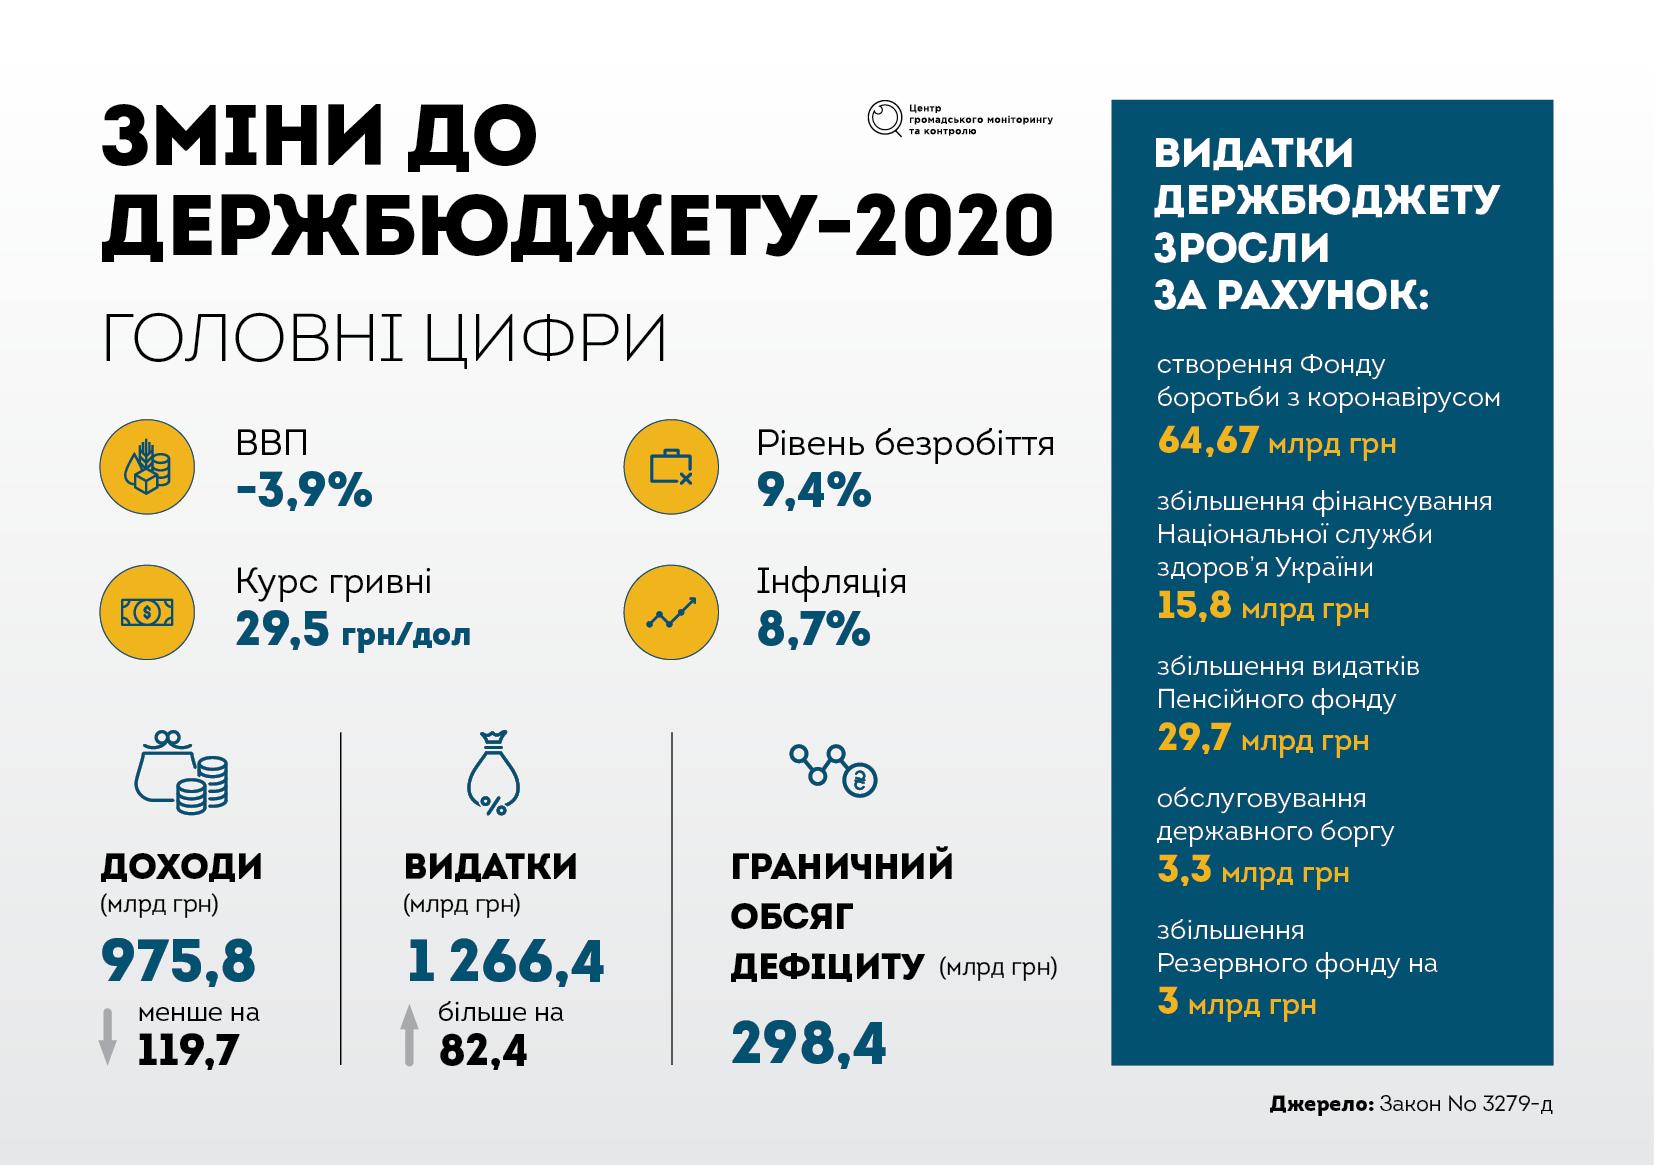 Новації держбюджету: з поправкою на умови карантину - Україна, КМУ, зміни до бюджету, держбюджет, ВРУ - BYUDZHET FOTO